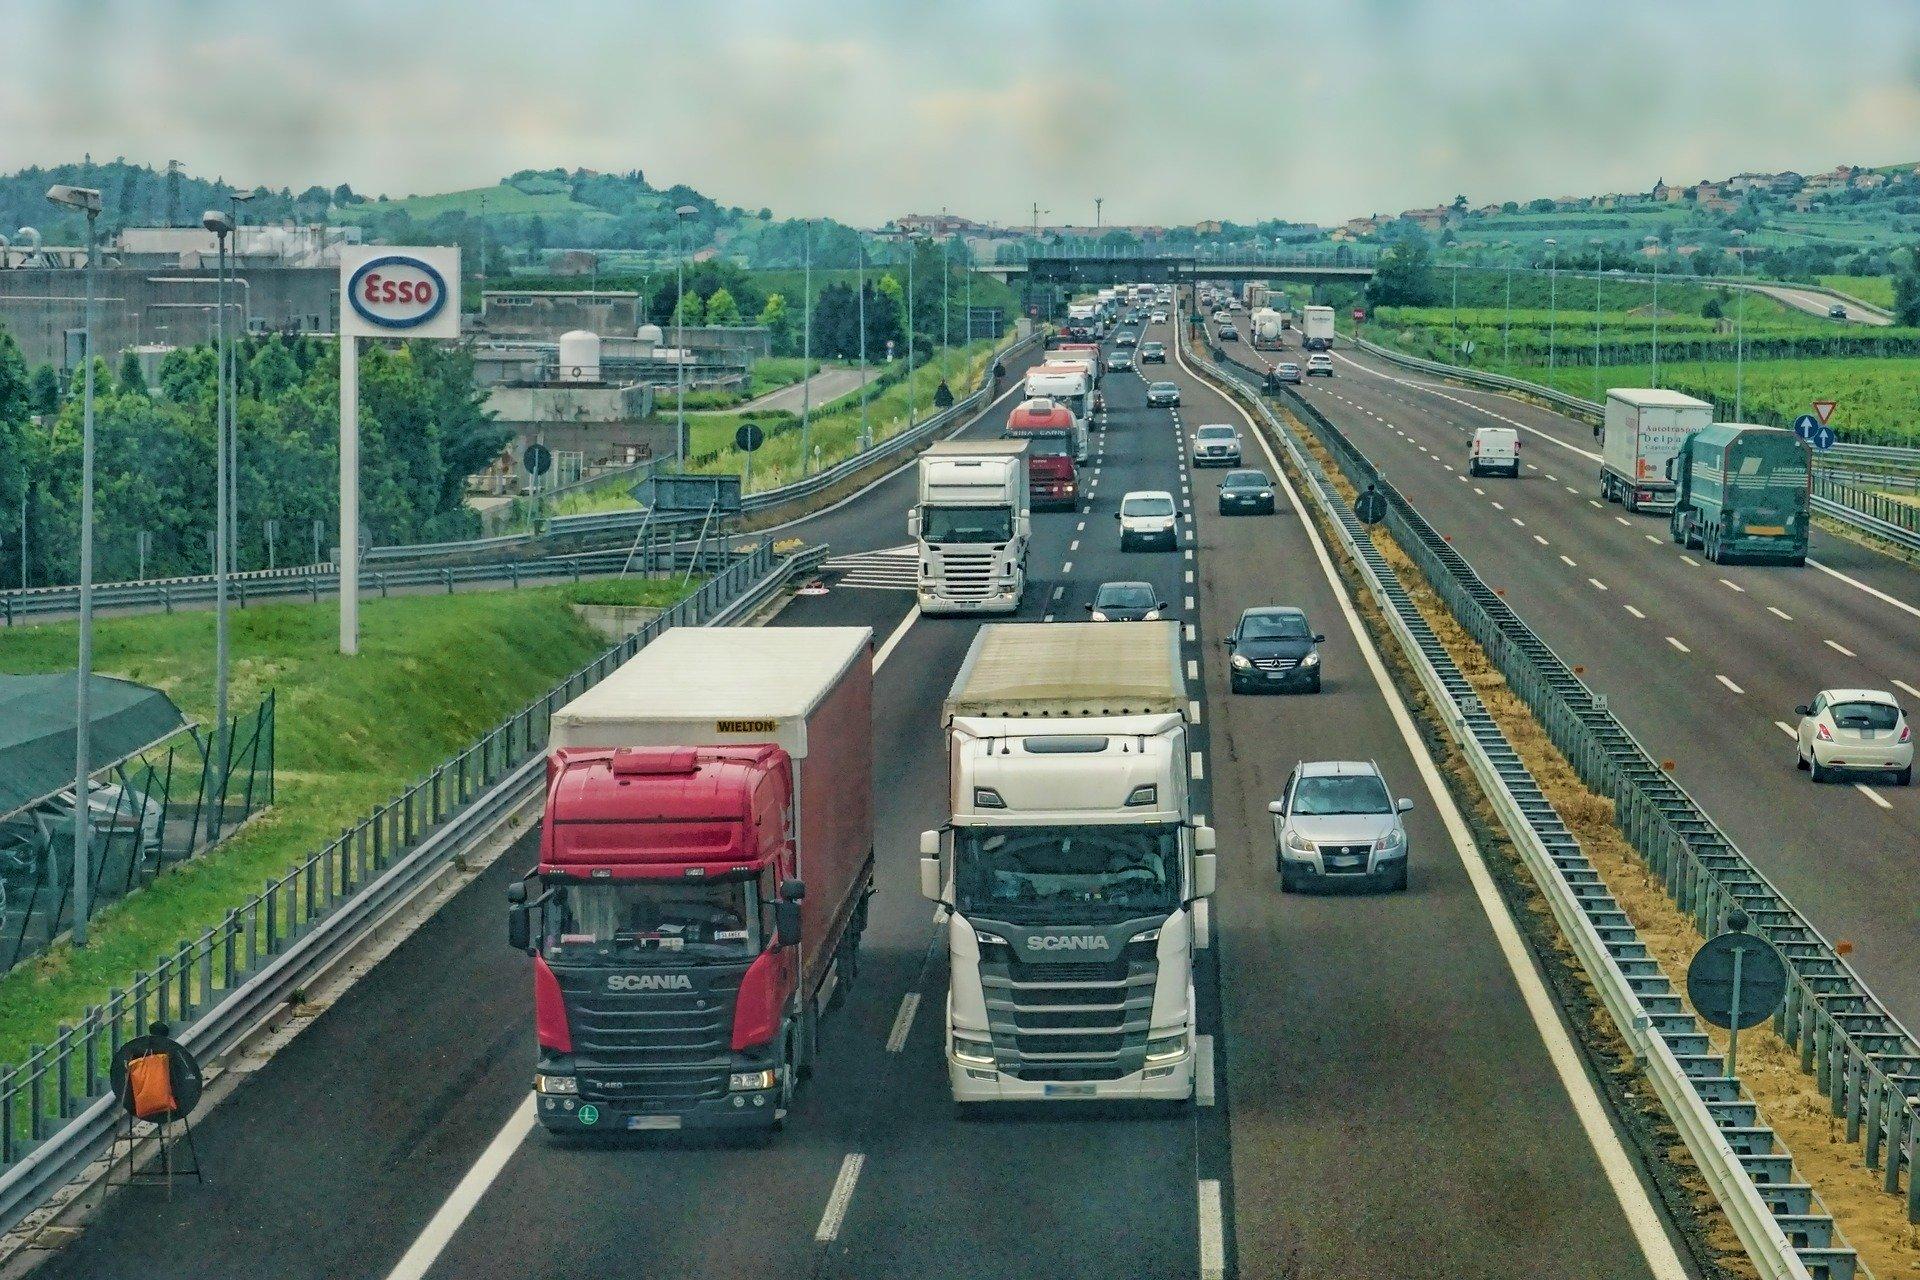 autobahn_lkw_lastkraftwagen_truck